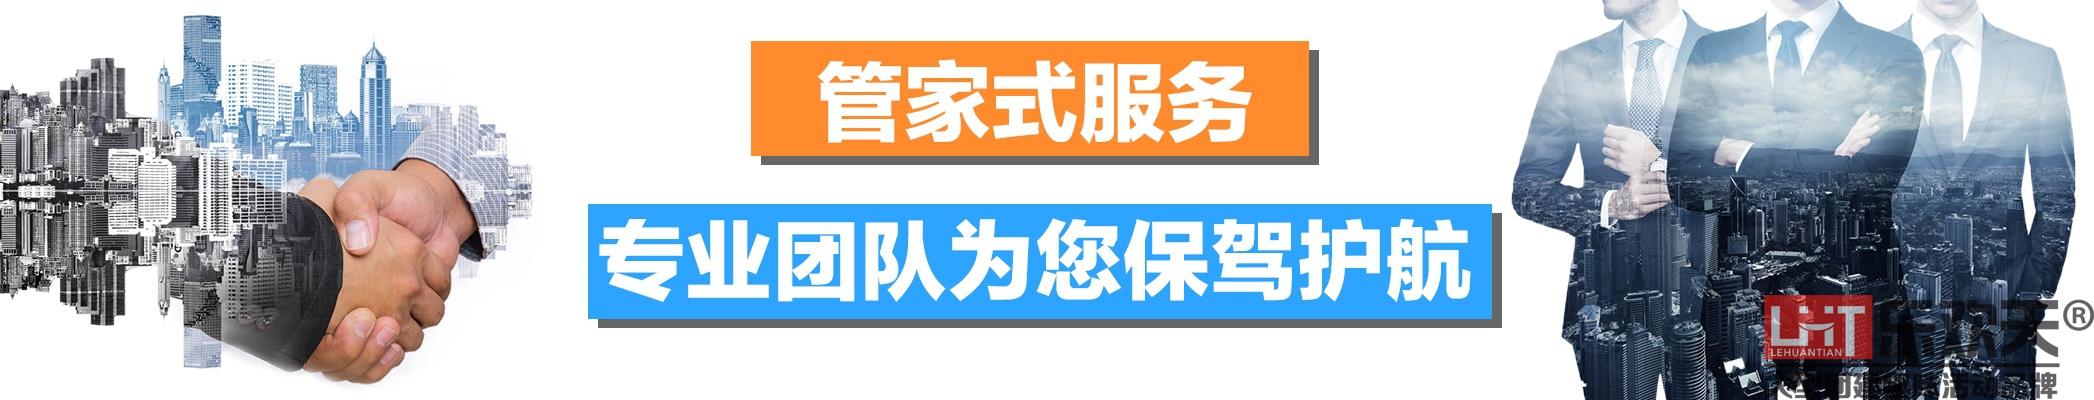 【企业职工运动会】